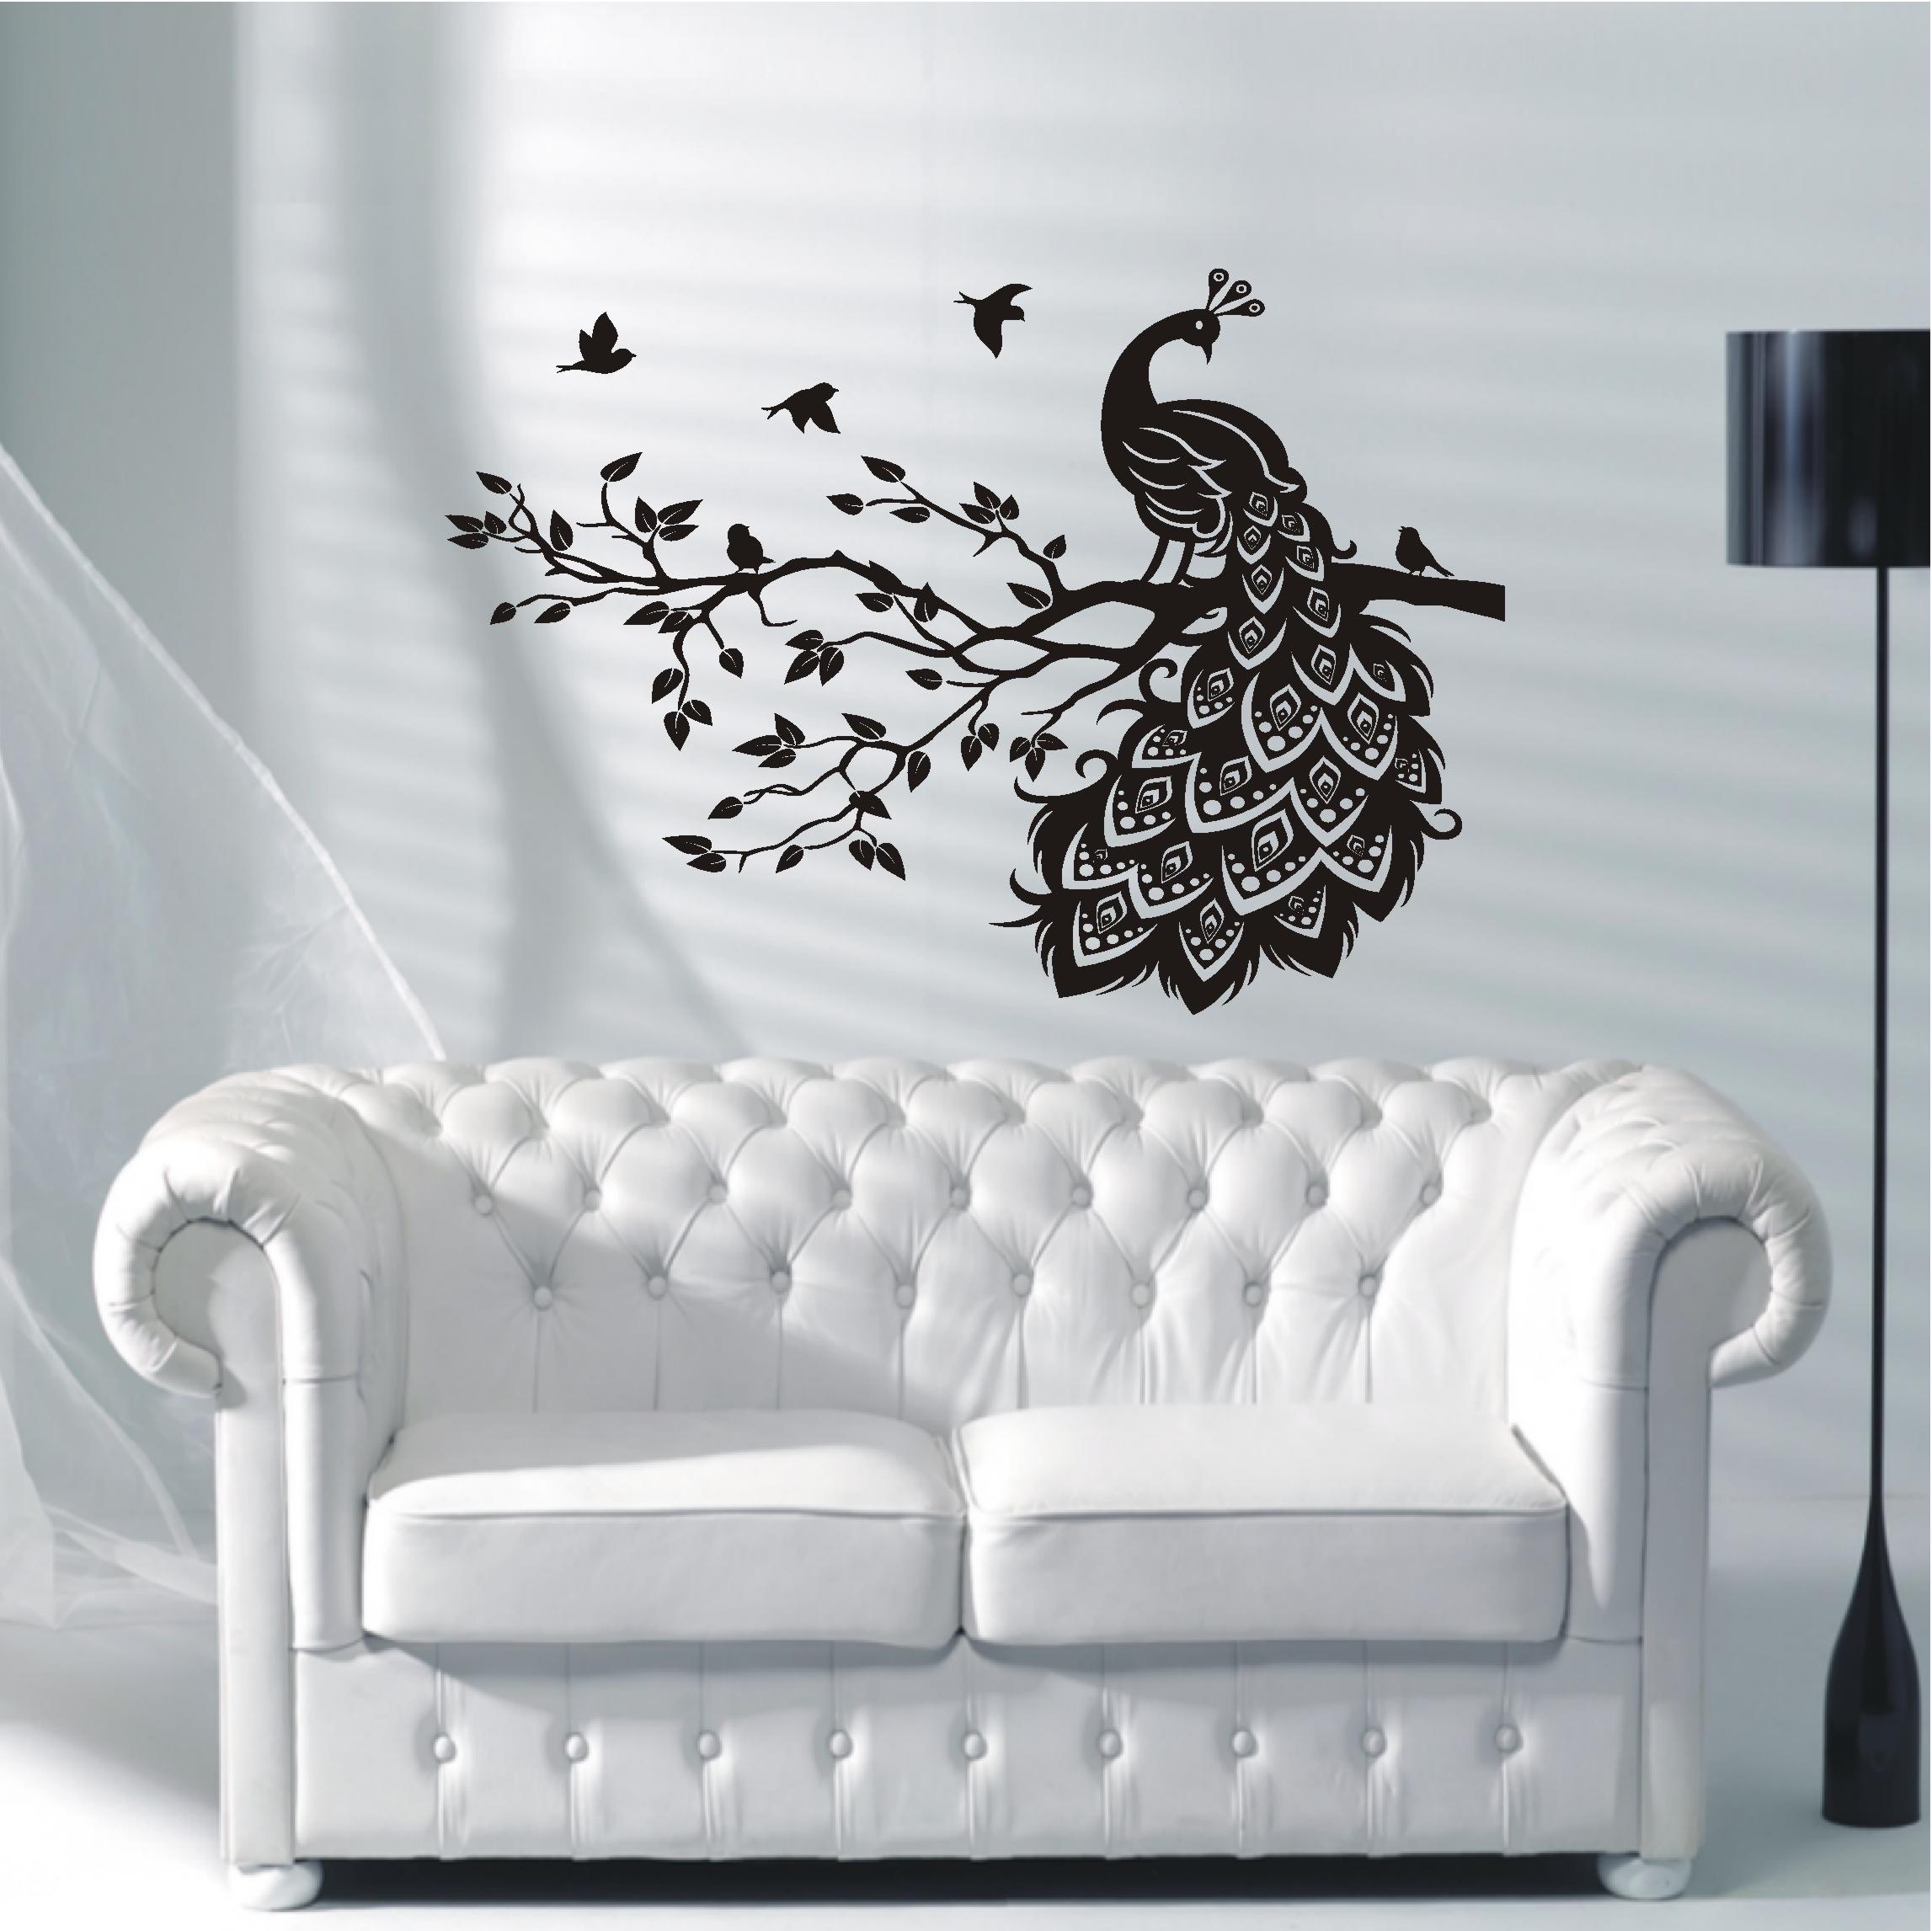 wandtattoo wandaufkleber pfau vogel ast wohnzimmer schlafzimmer motiv 459 xl ebay. Black Bedroom Furniture Sets. Home Design Ideas